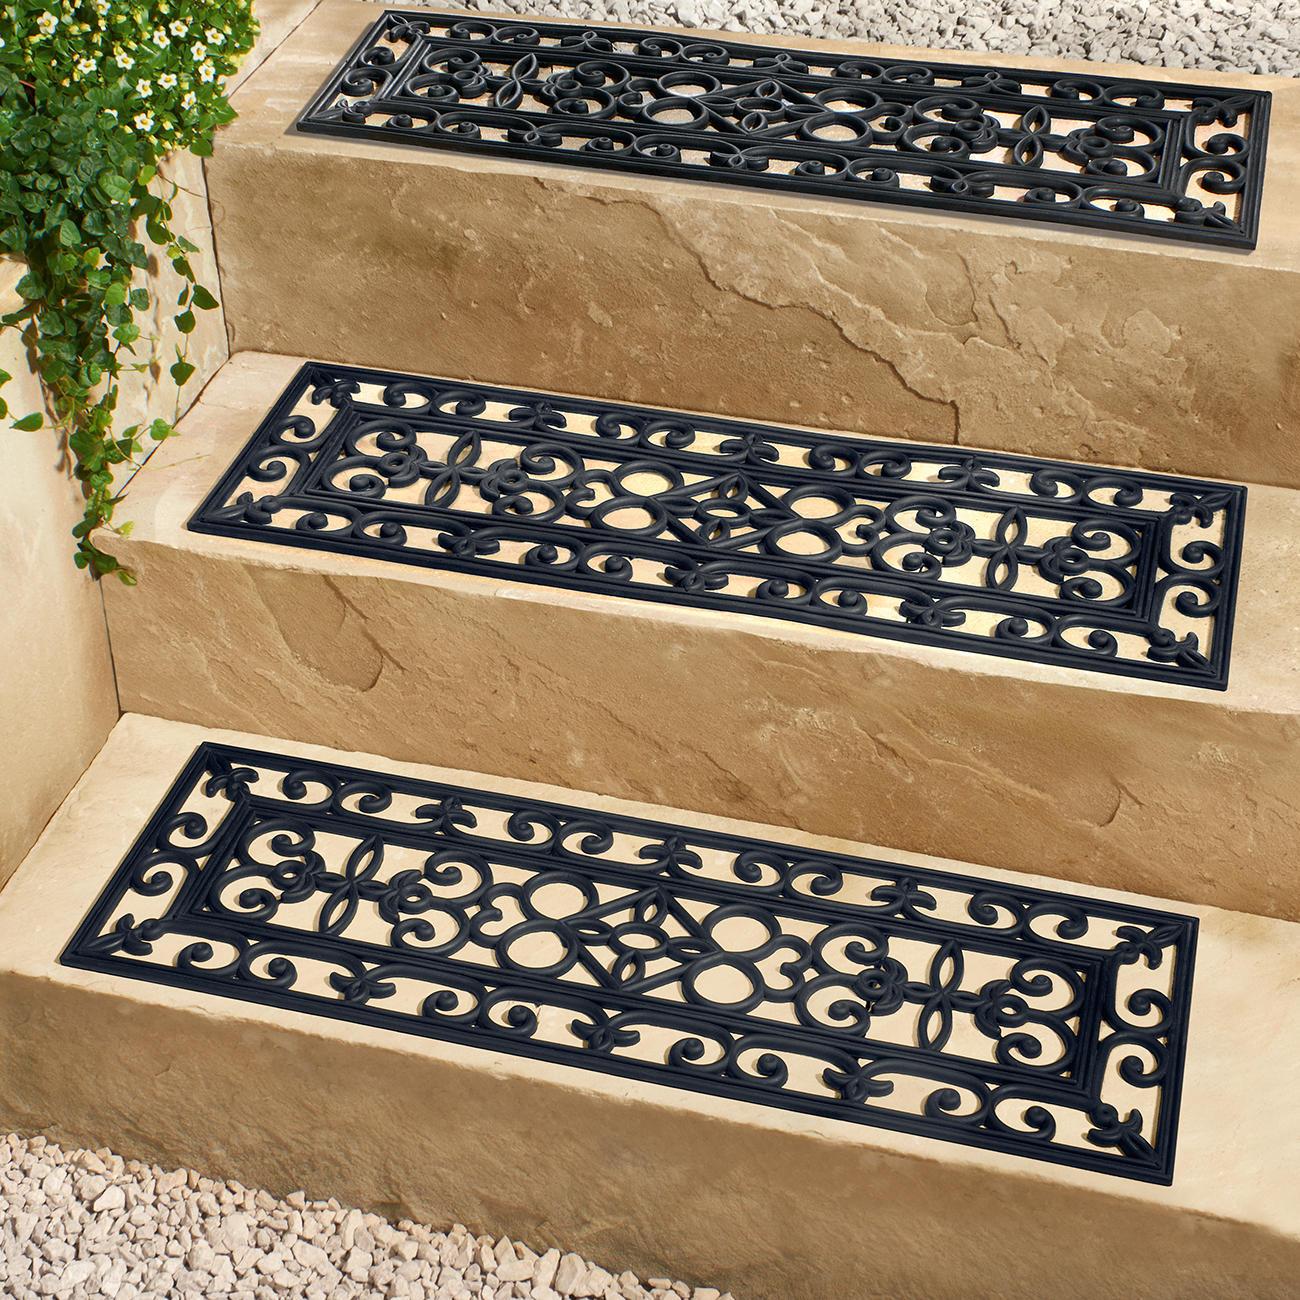 plaques de protection d escaliers lot de 3 pas cher pro idee. Black Bedroom Furniture Sets. Home Design Ideas